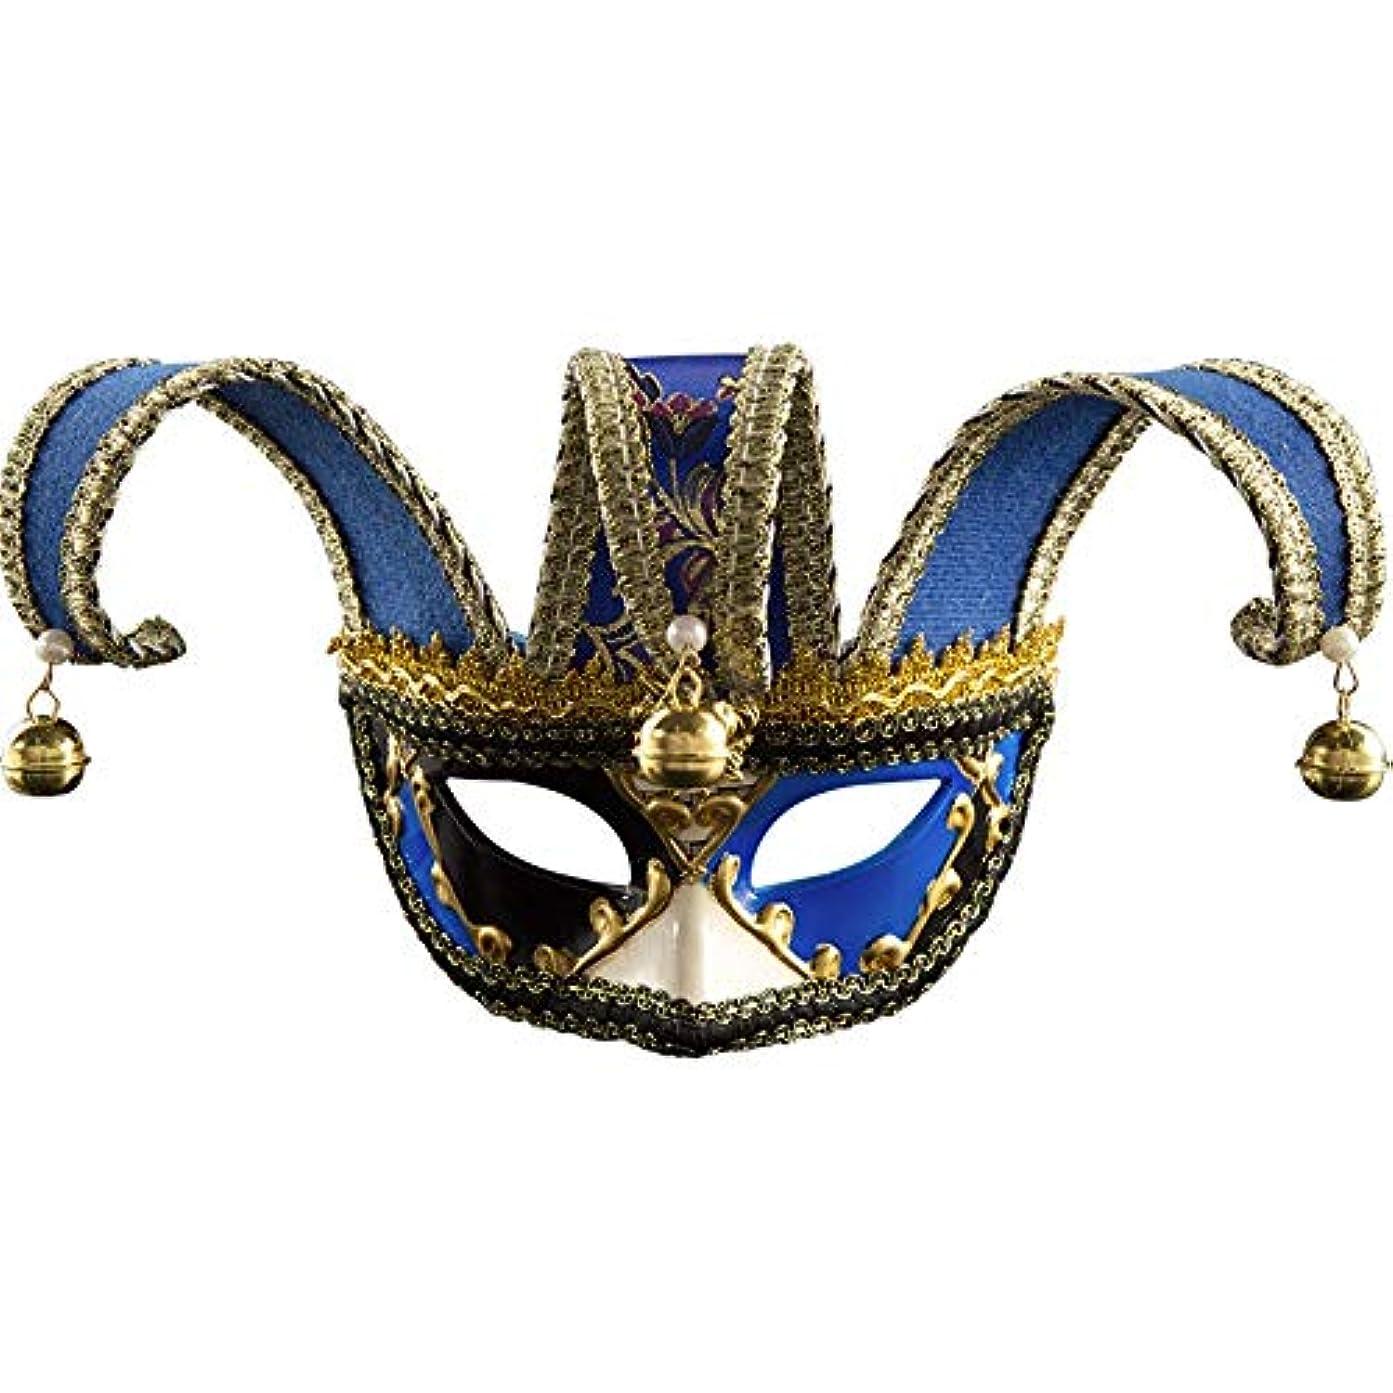 暴力徴収クラッチダンスマスク ナイトクラブ音楽カーニバルマスク雰囲気クリスマスフェスティバルプラスチックマスクイブニングパーティーボール ホリデーパーティー用品 (色 : 青, サイズ : 16.5x29cm)